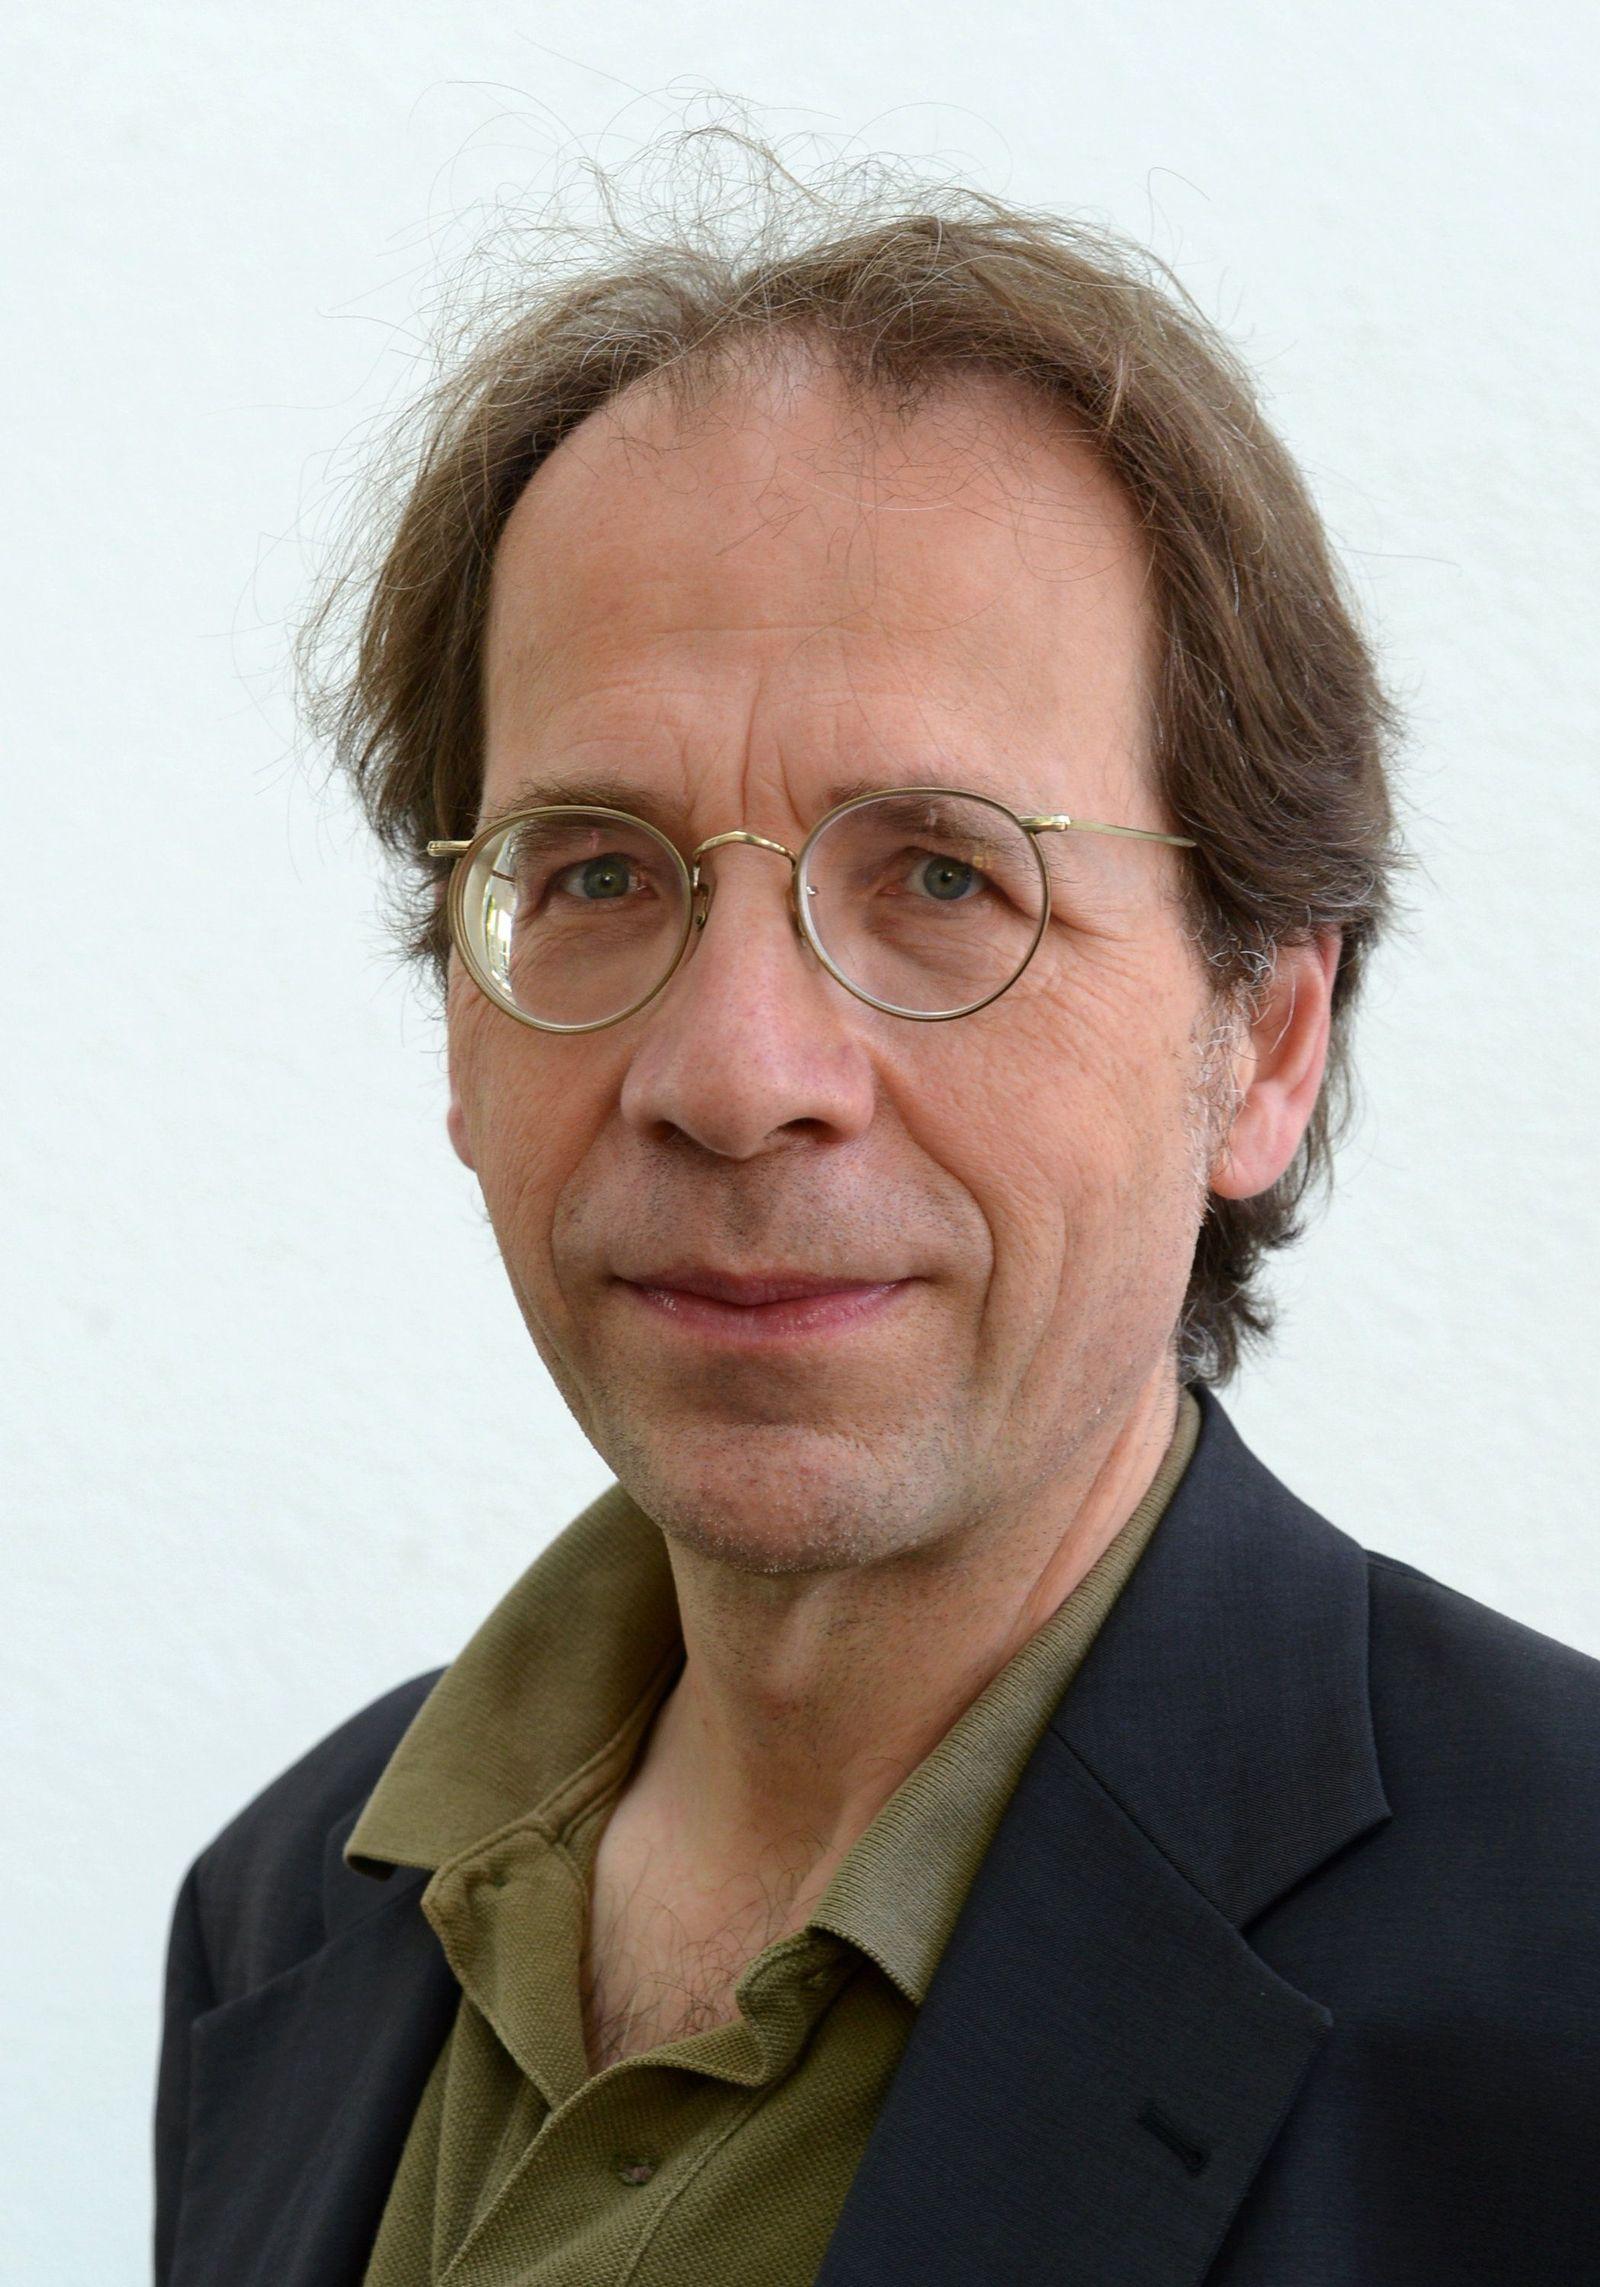 Stephan Graf von der Schulenburg